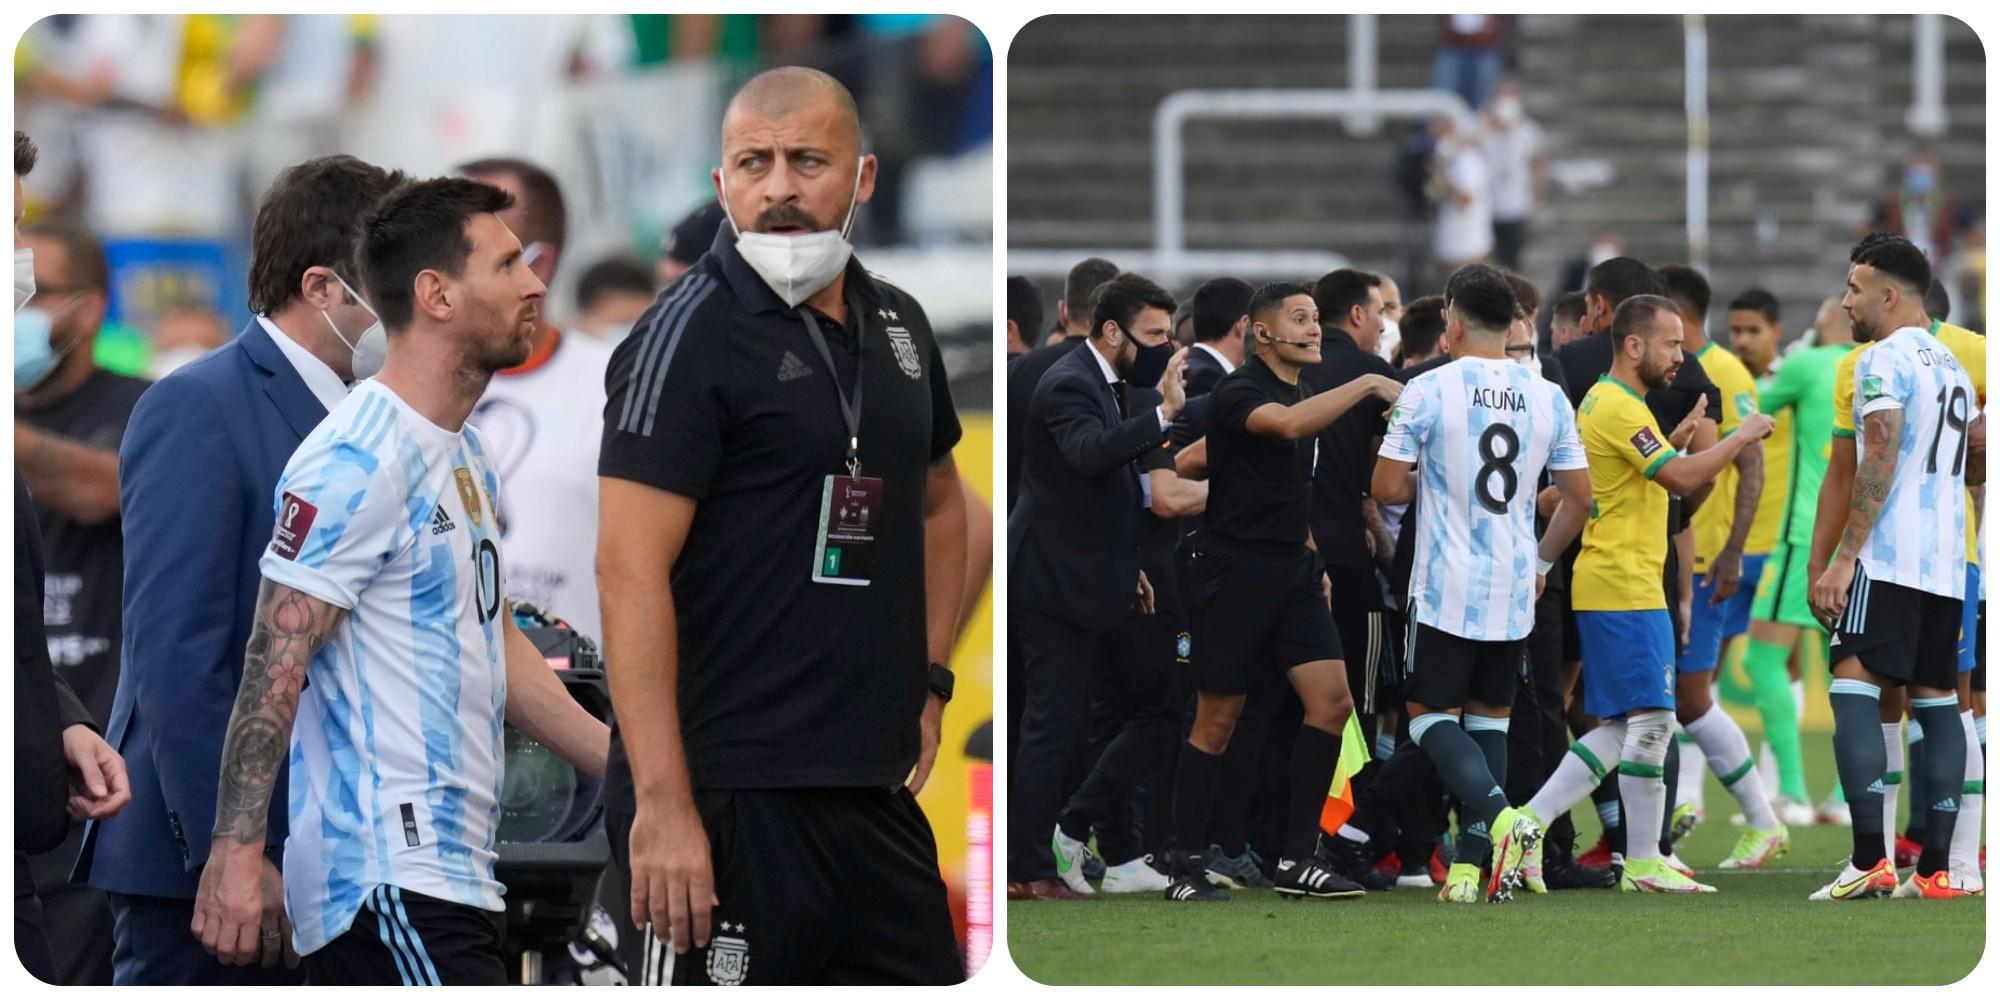 Rrezikojnë deri në 5 vite burg, policia braziliane hap hetim ndaj lojtarëve argjentinas